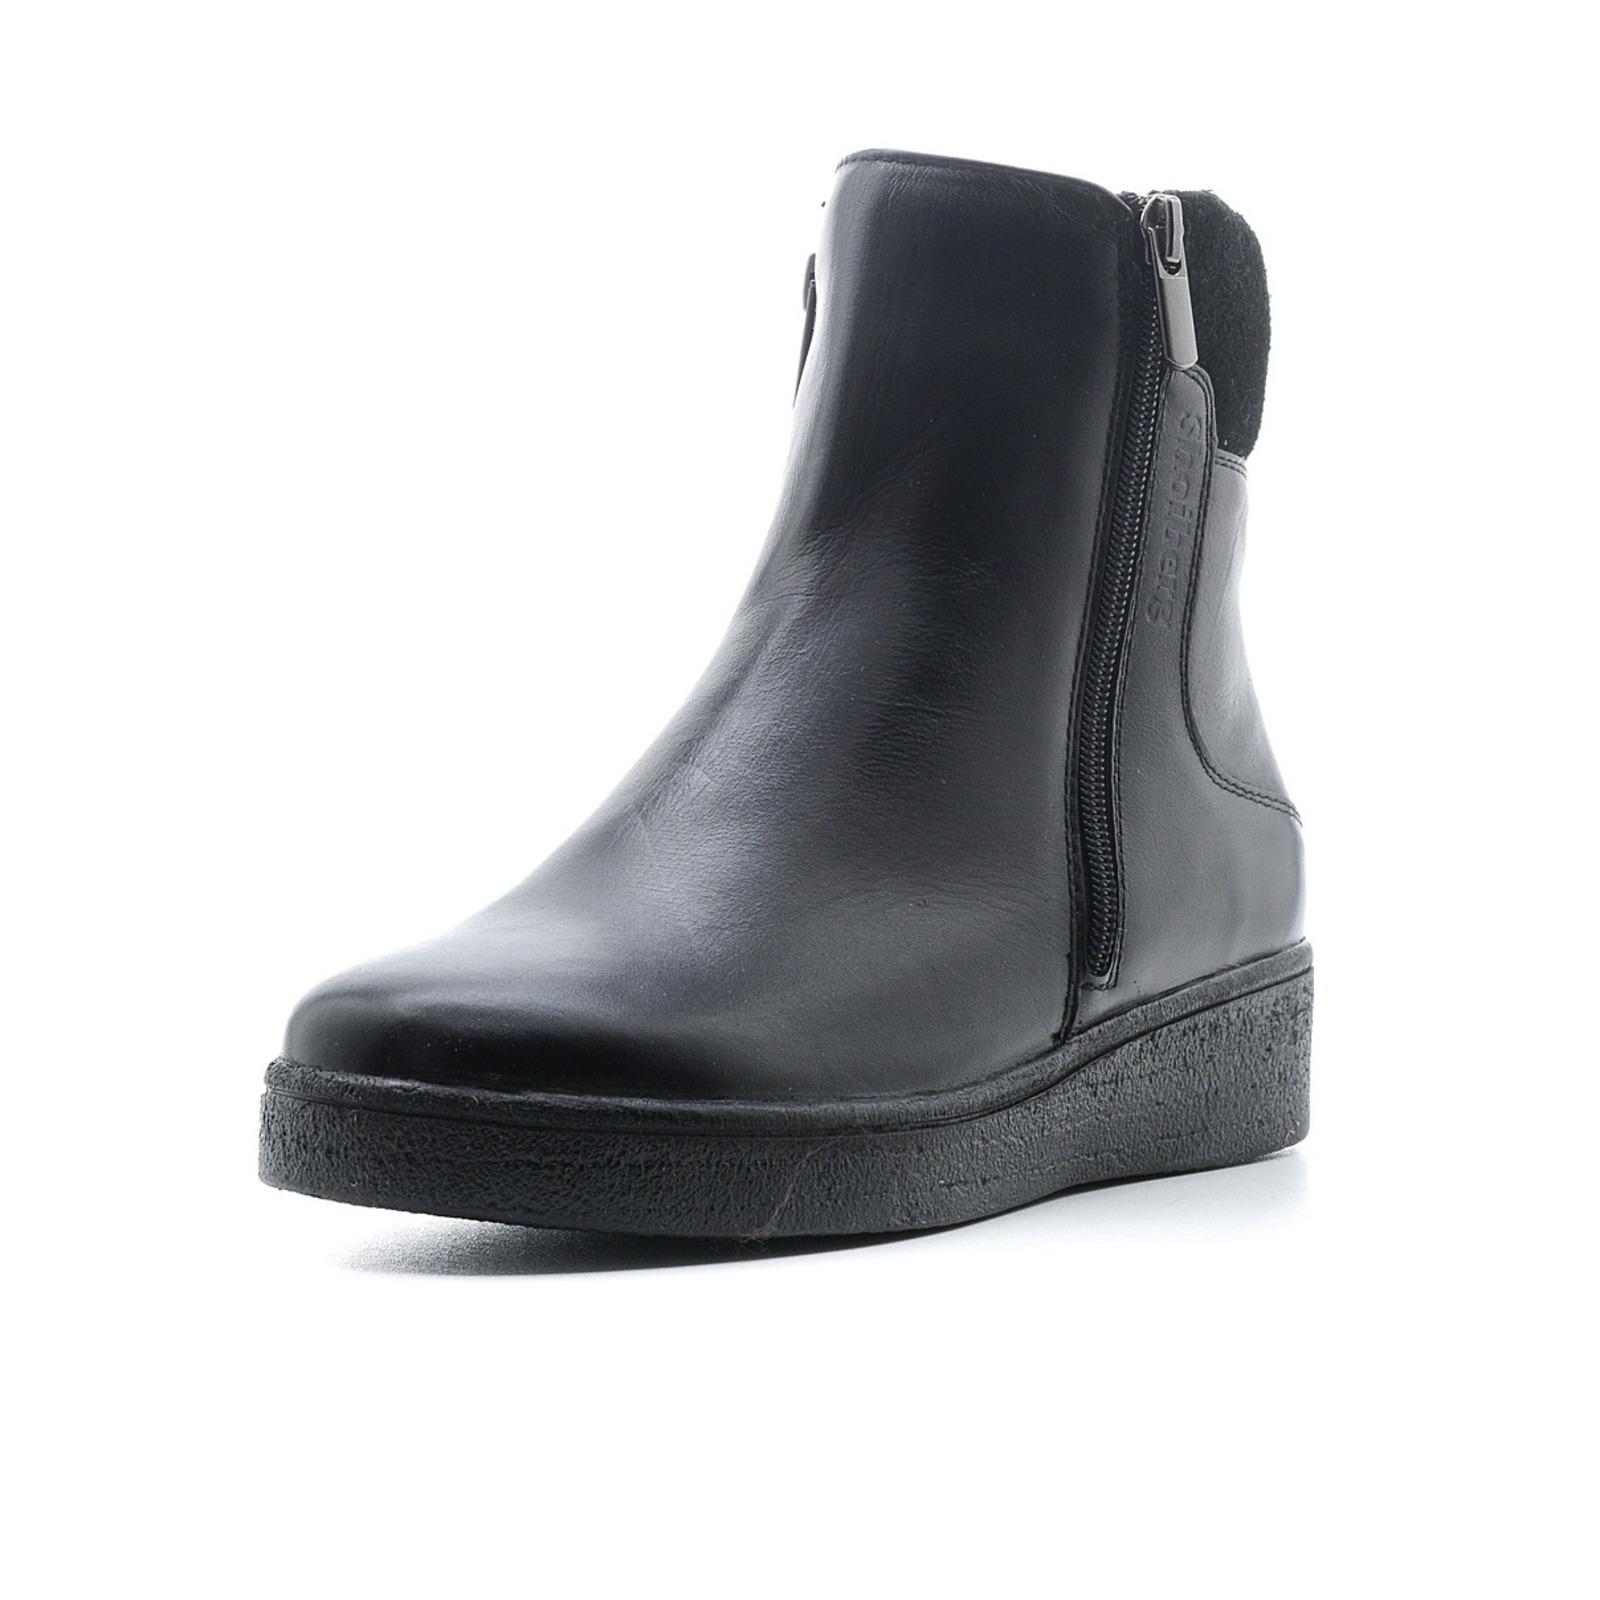 Ботинки высокие со вставкой на голенище обувь shoiberg